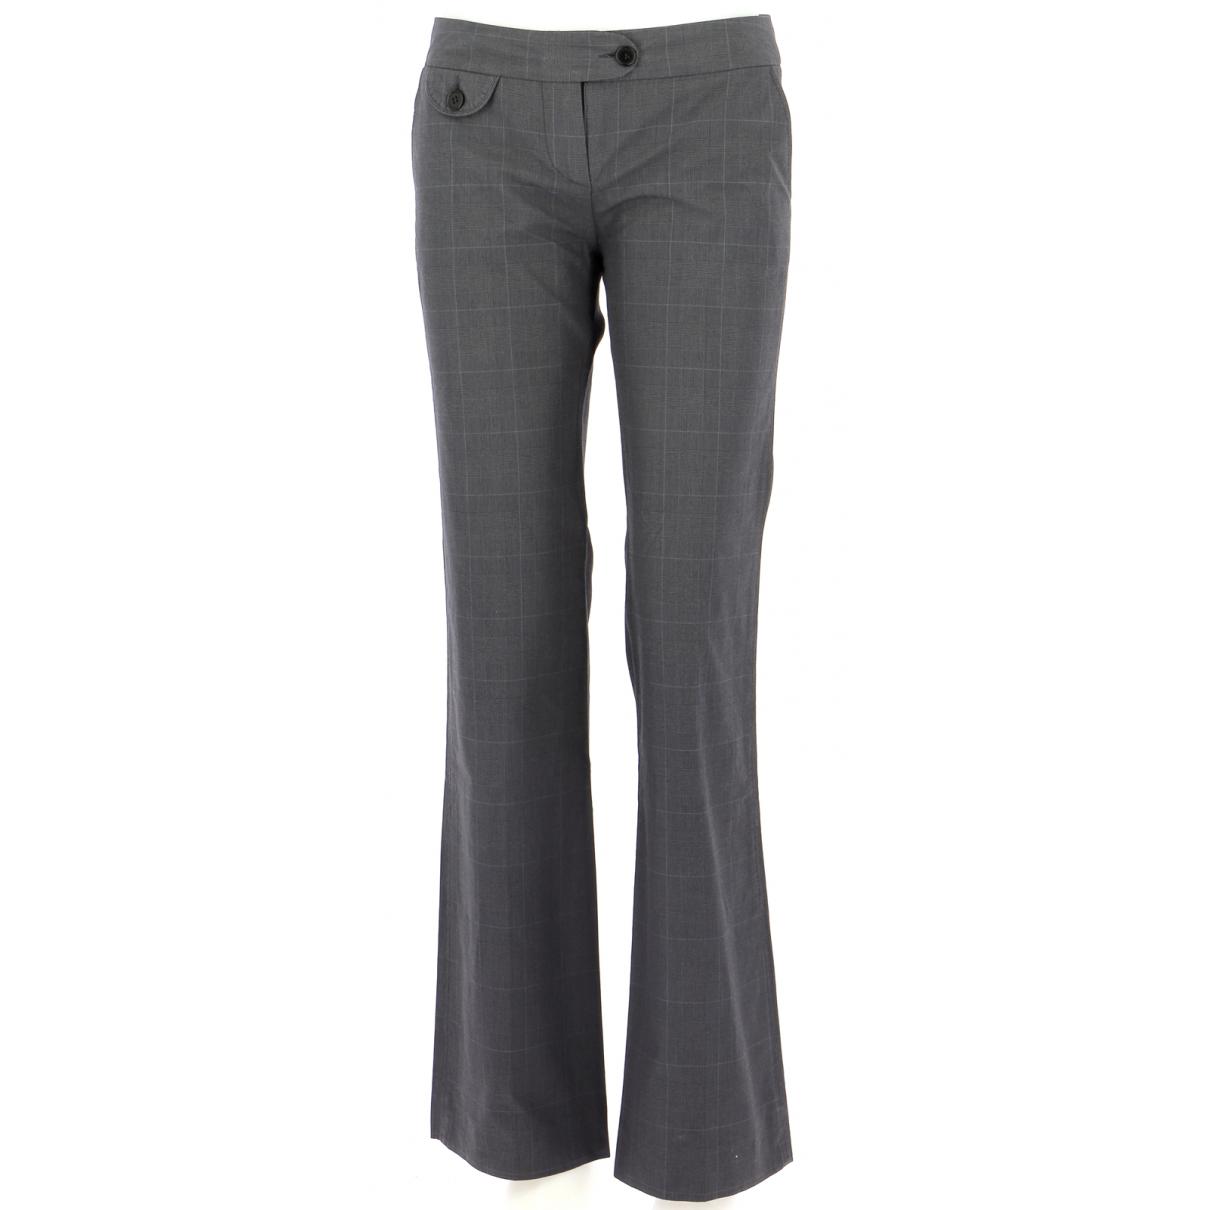 Pantalones en Algodon Gris Comptoir Des Cotonniers